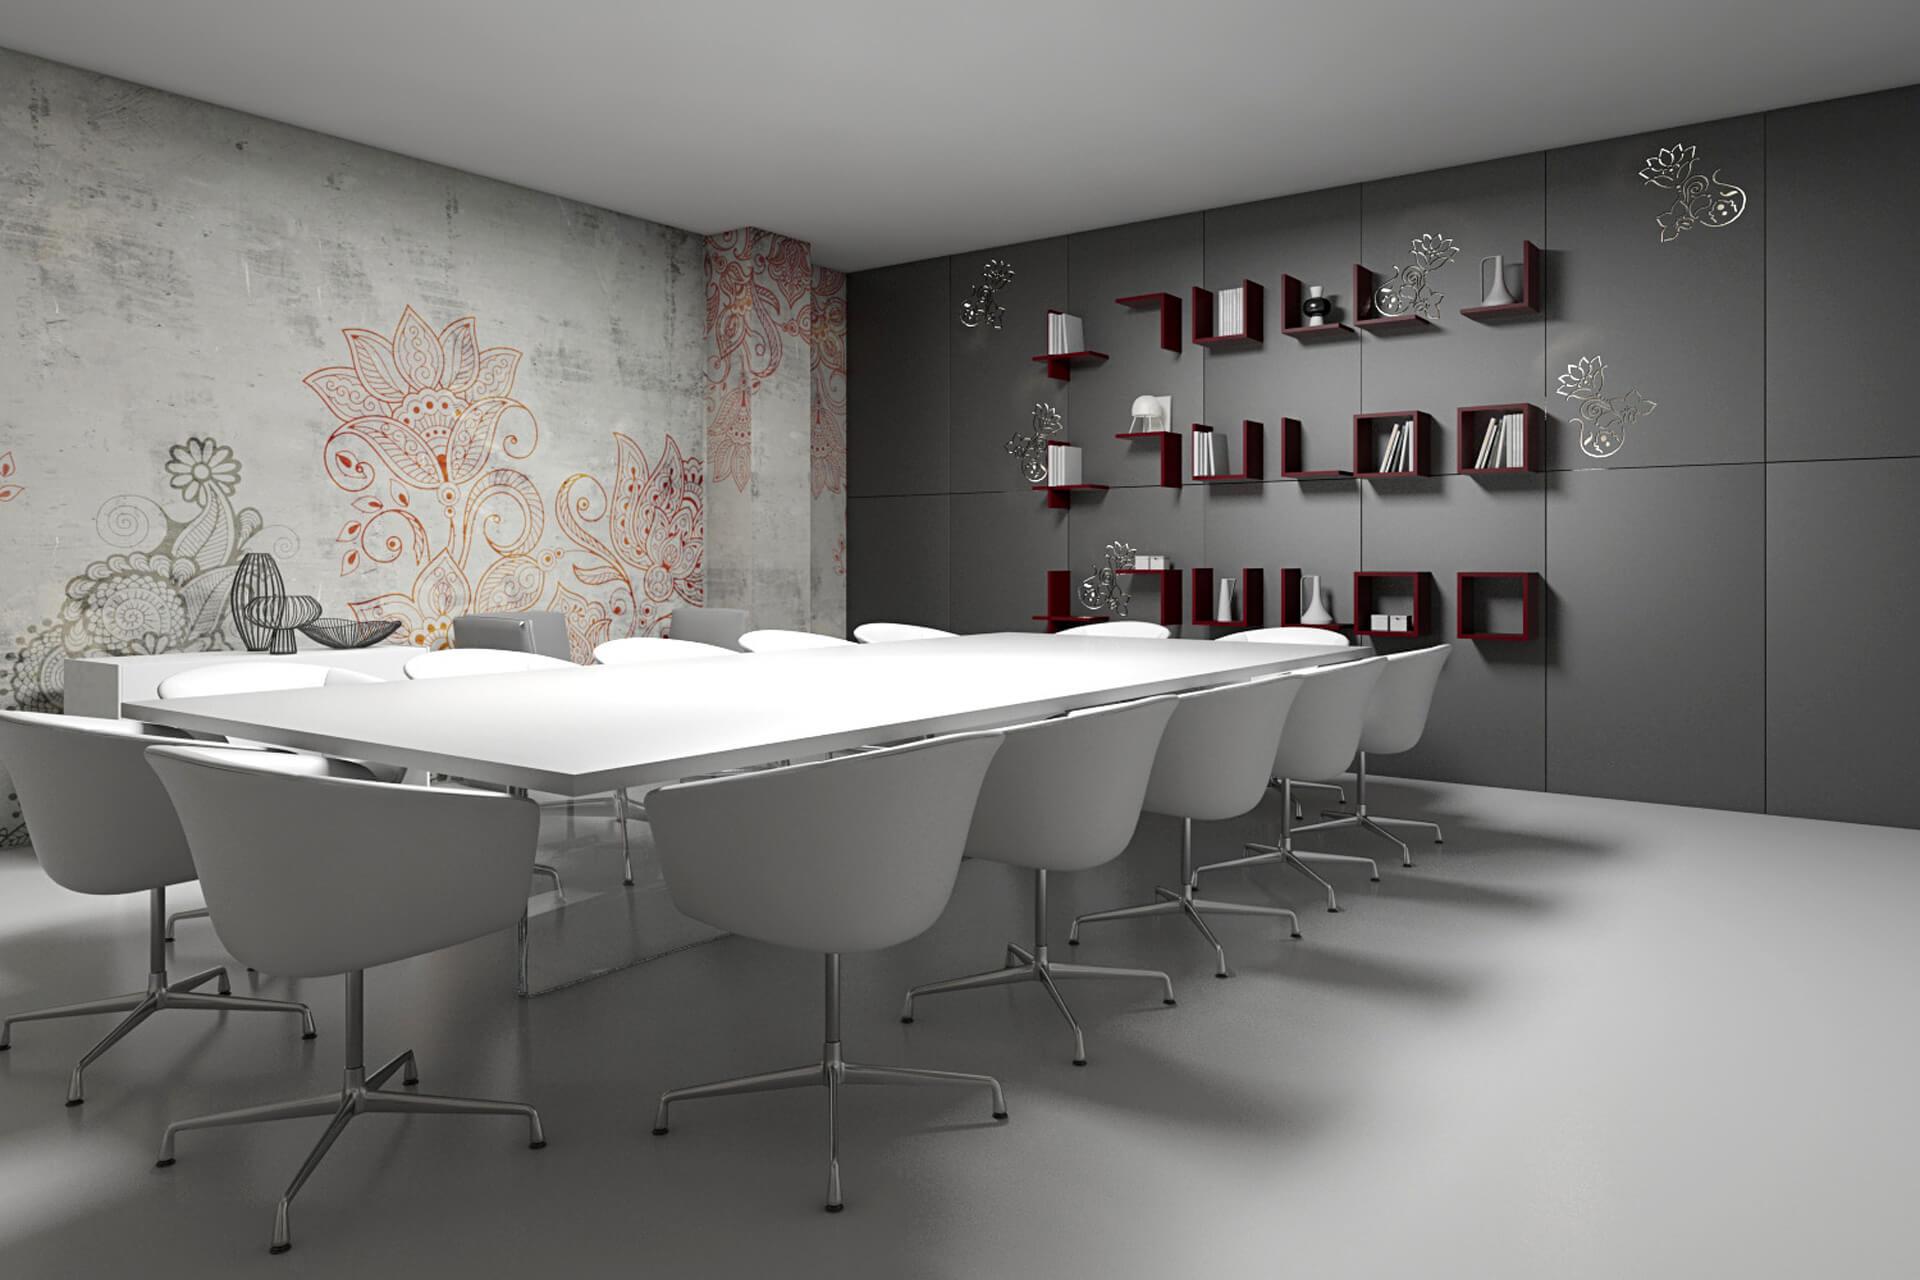 sale riunioni arredo magnetico magnetika - design ufficio - foto1